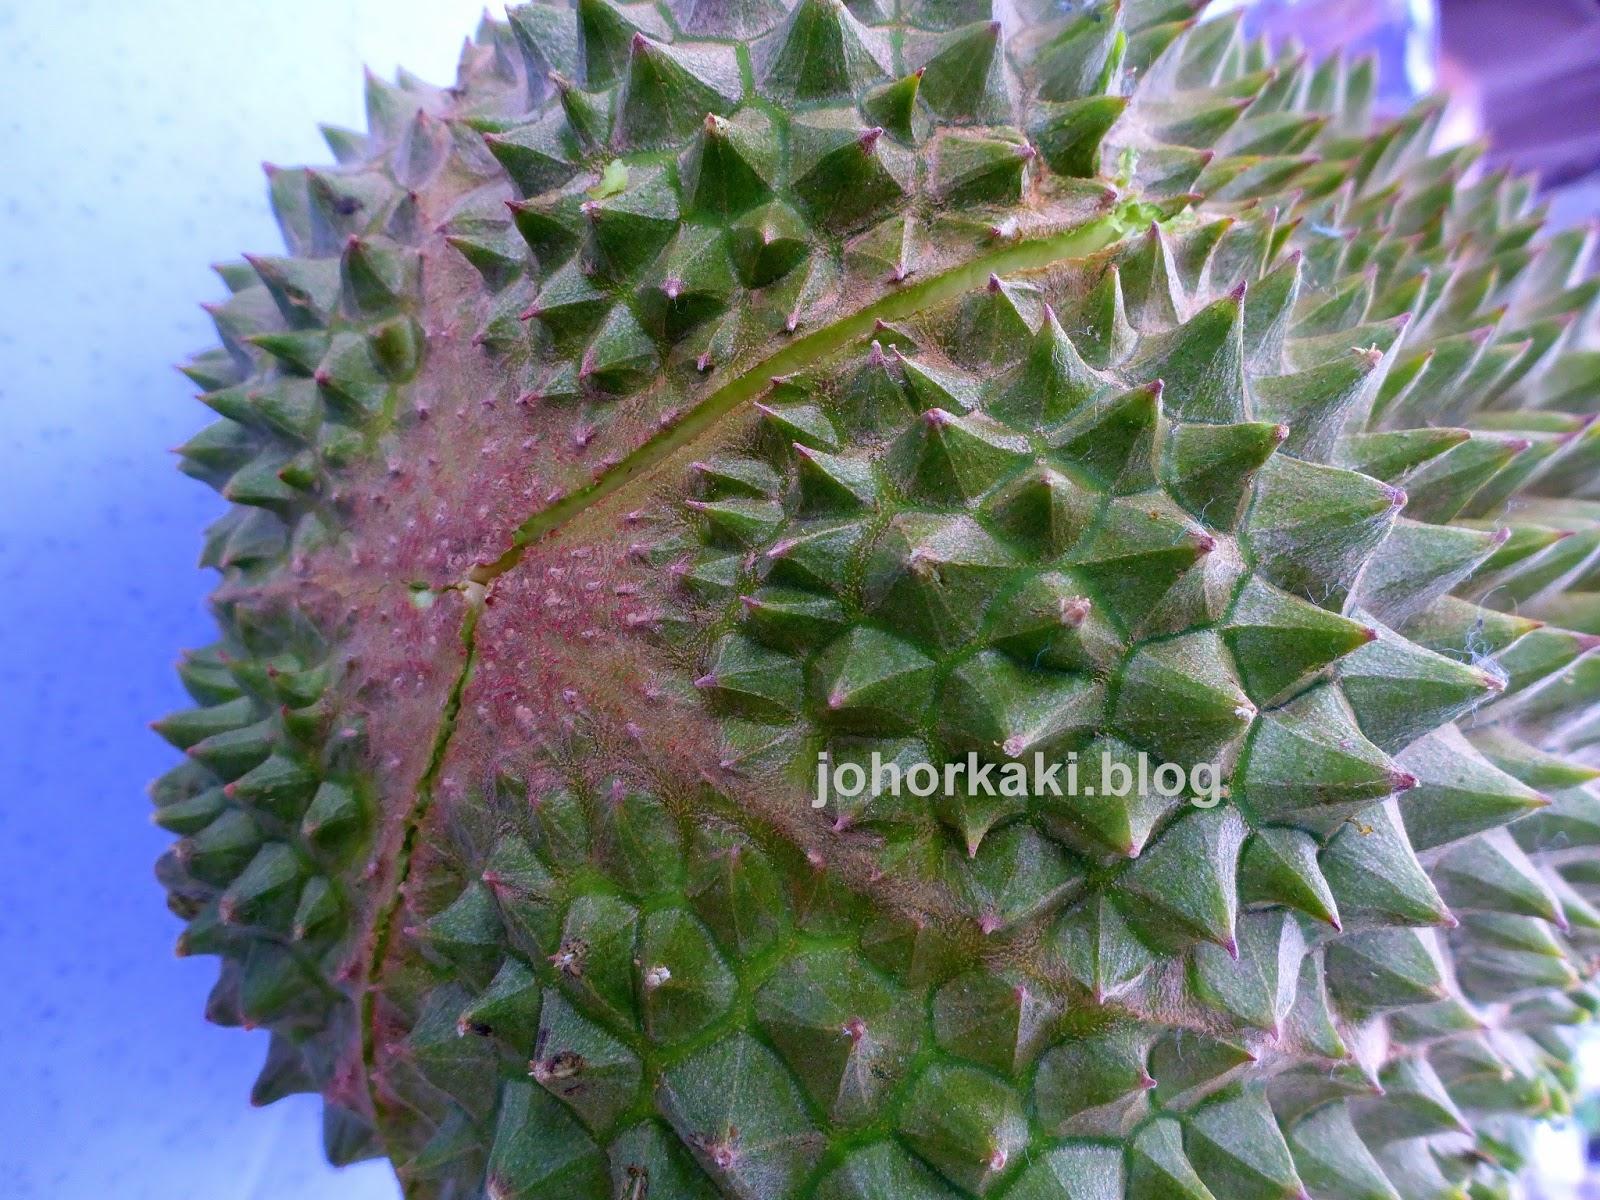 durian hunting in johor bahru malaysia jk1702 johor kaki travels for food. Black Bedroom Furniture Sets. Home Design Ideas